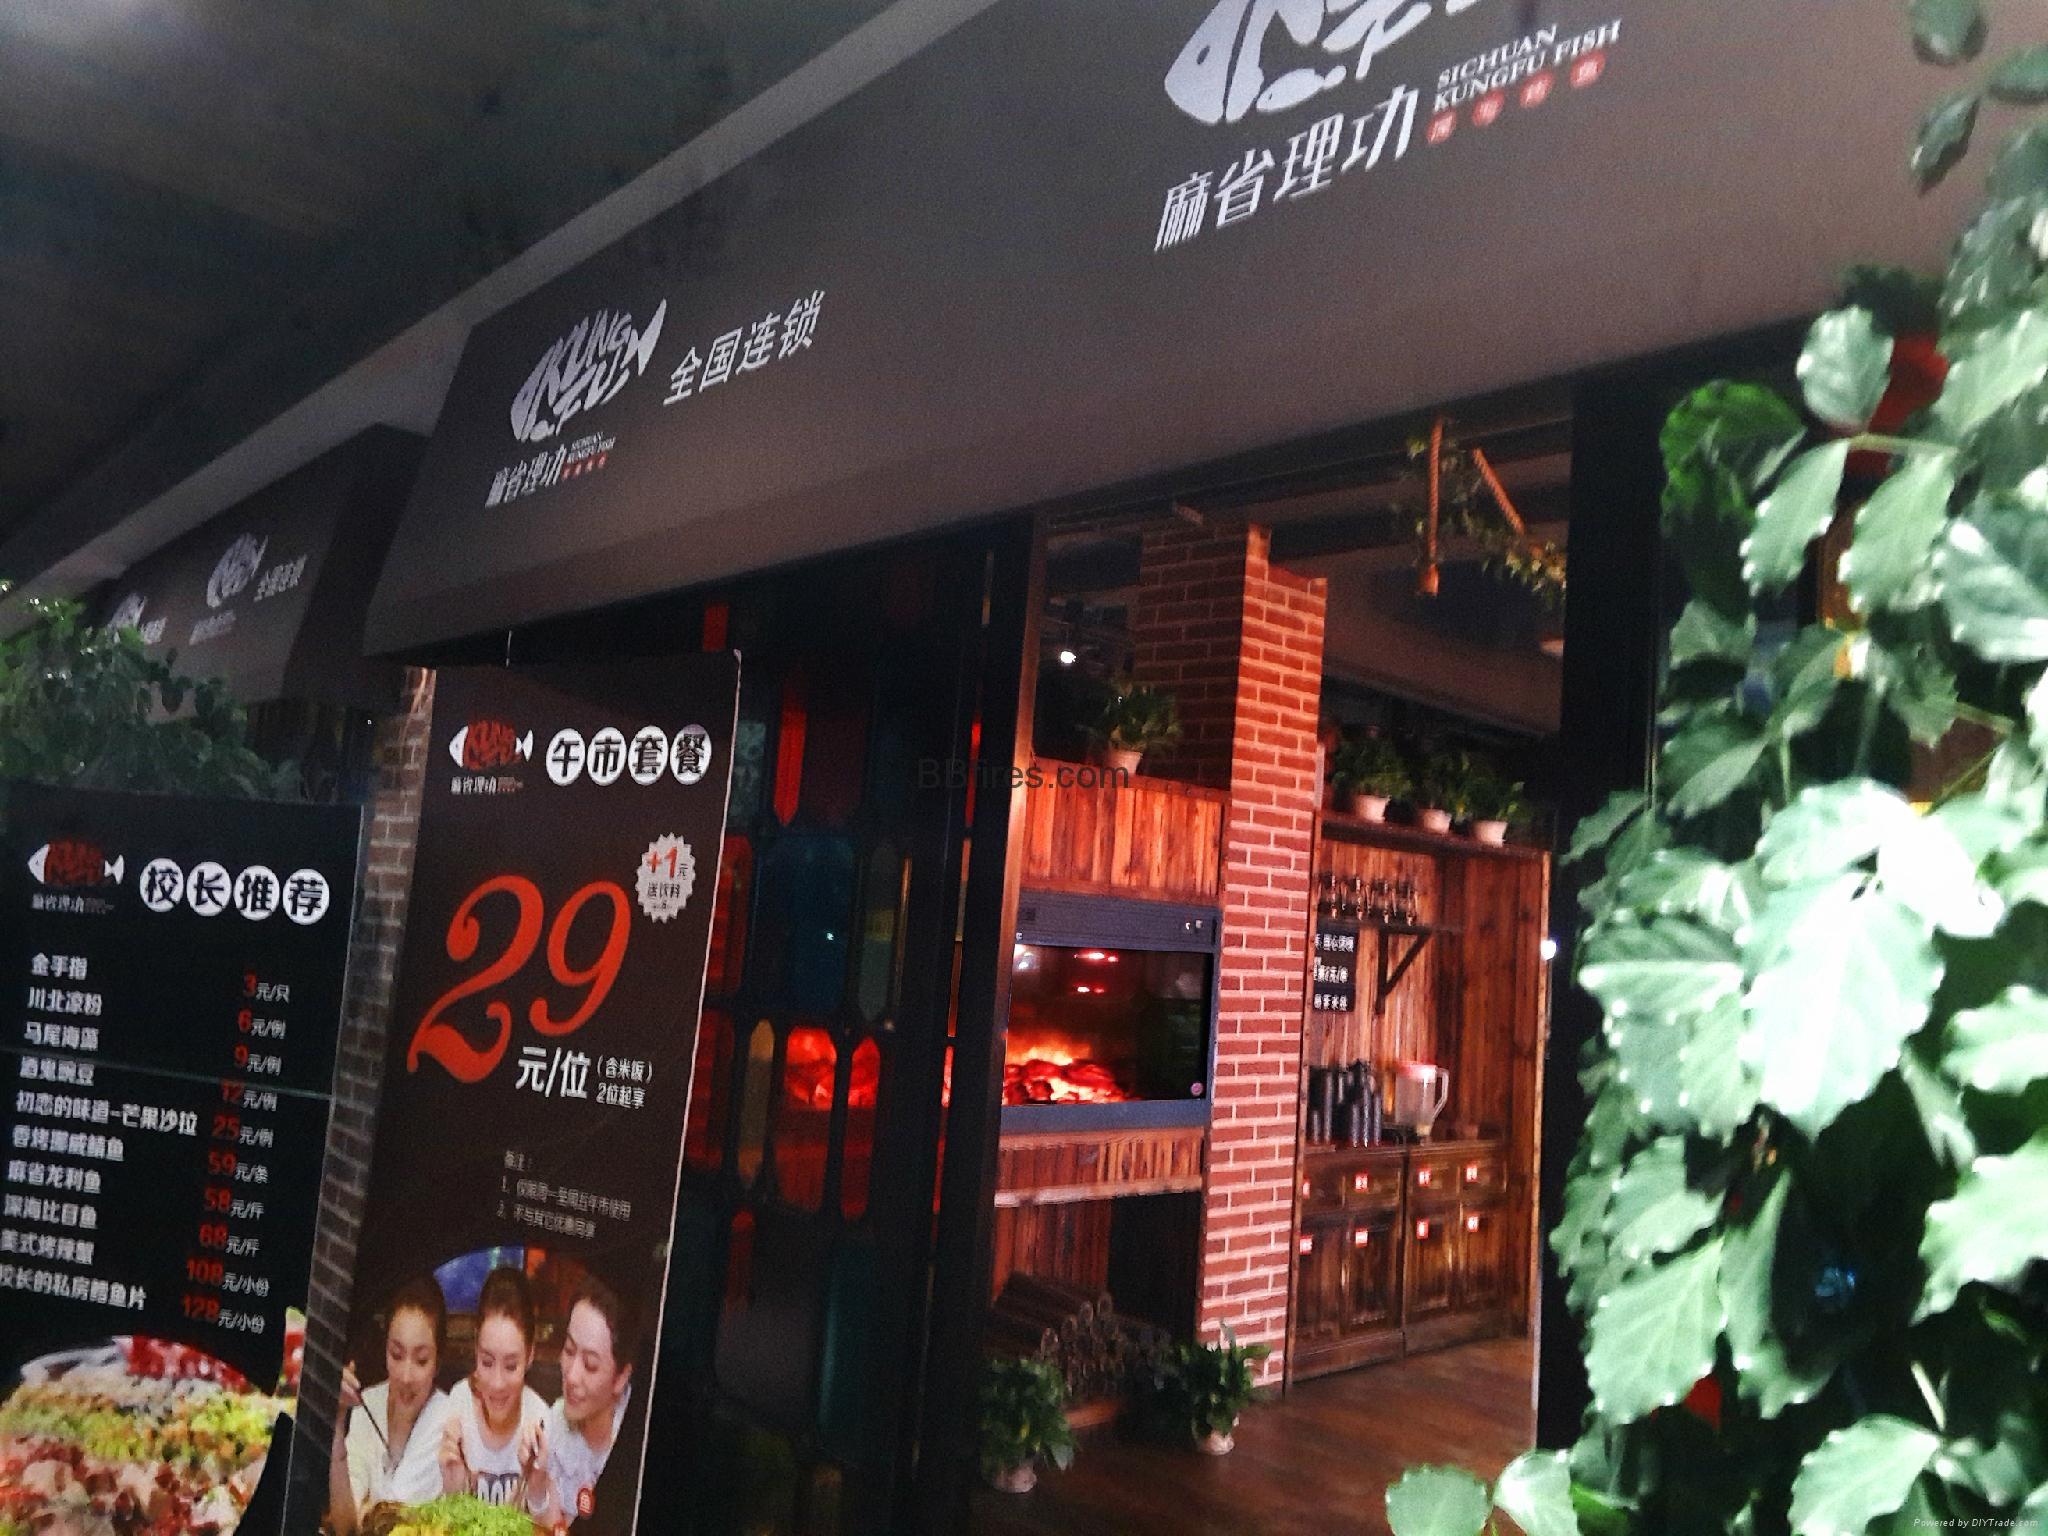 上海麻省理工餐庁